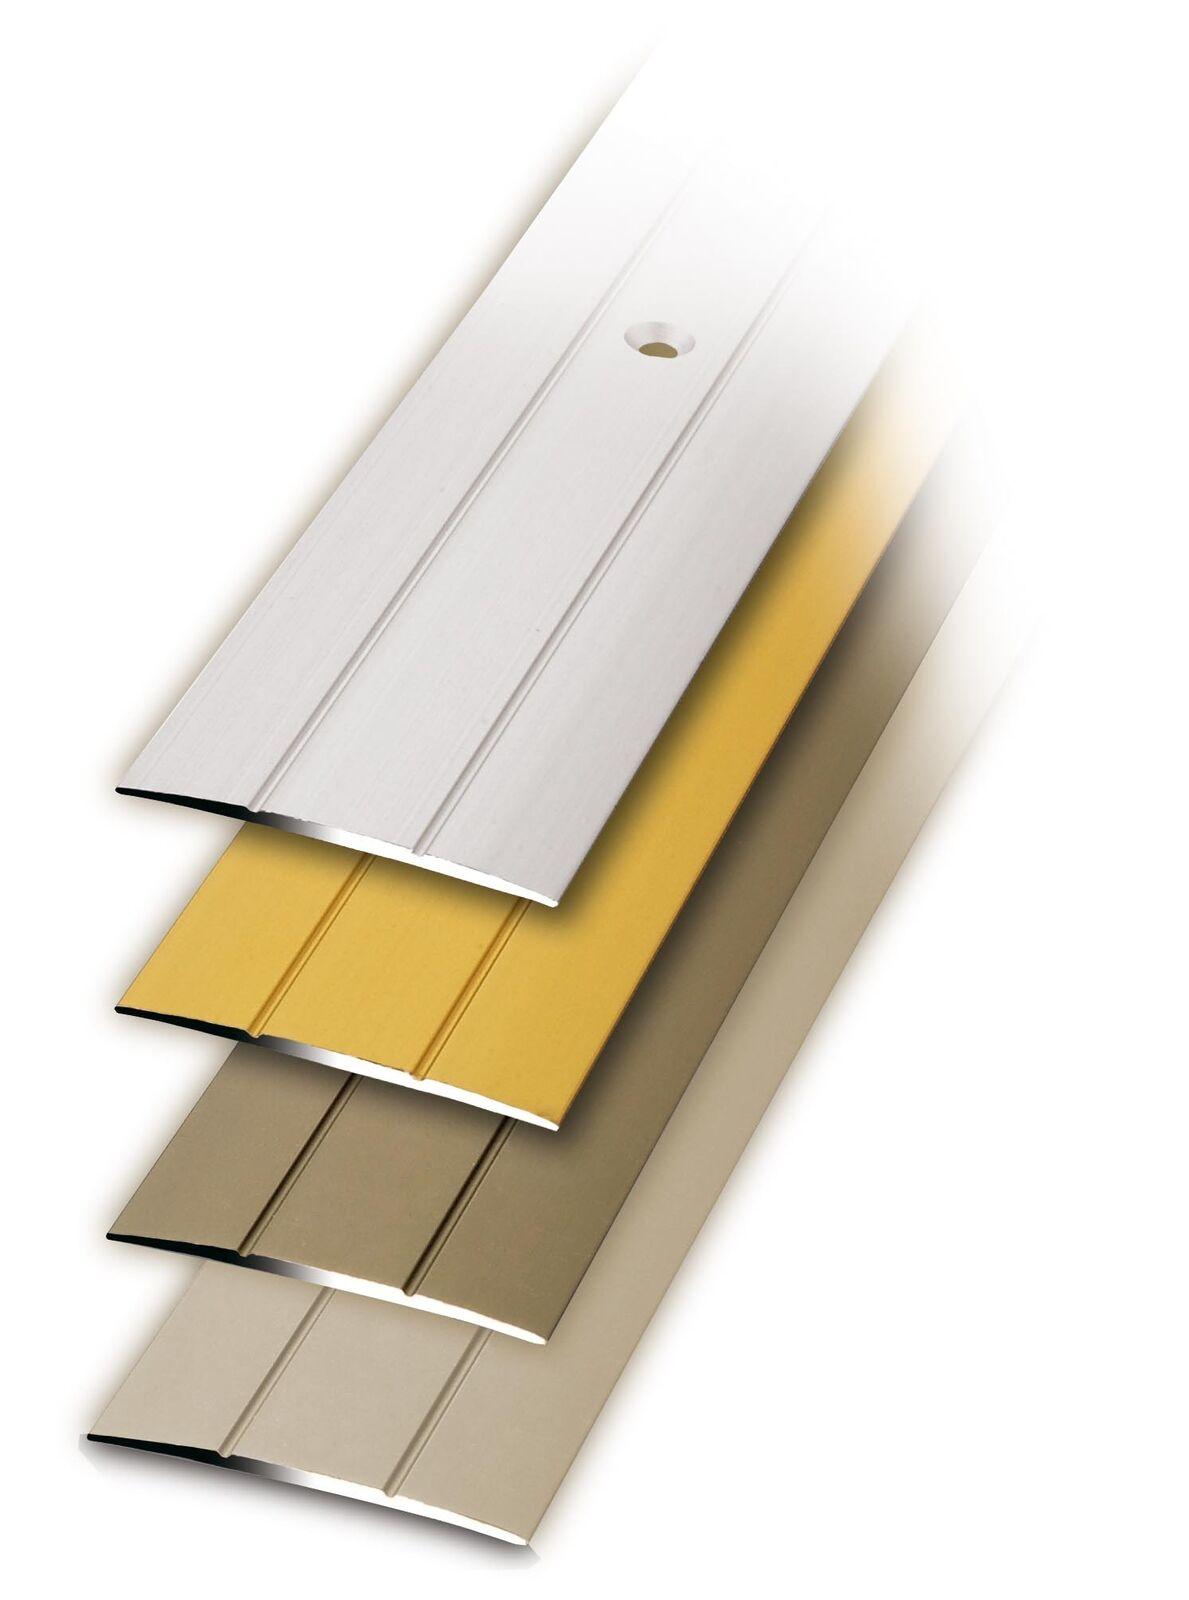 Bodenprofil Übergangsprofil Laminat Parkett zum Schrauben 100 x 3,8 cm Aluminium